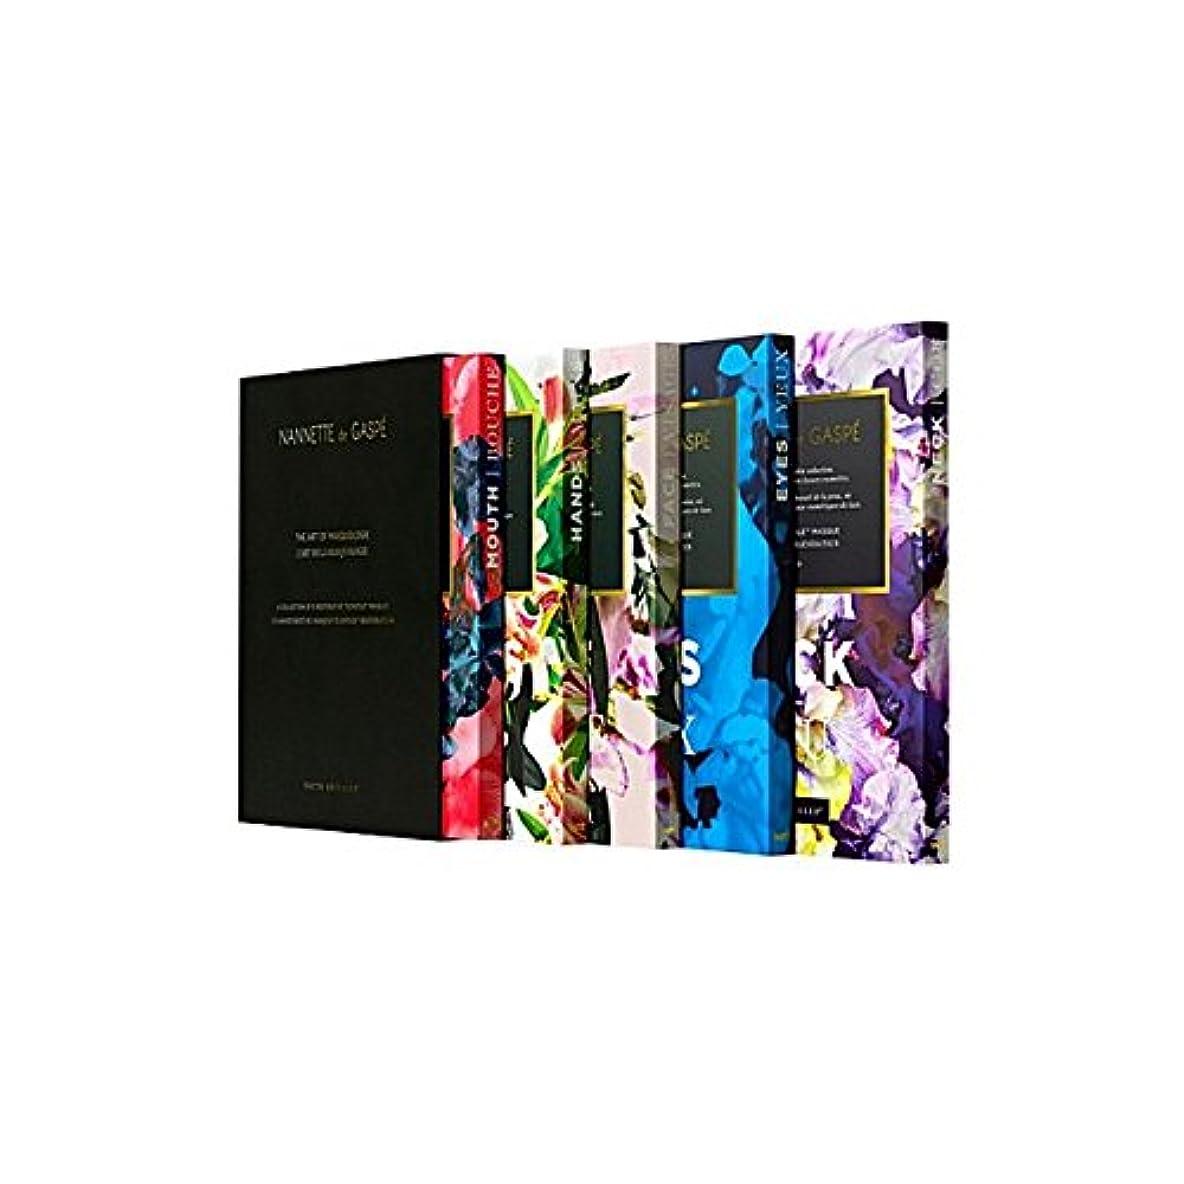 アルプスメンテナンス推進力デガスペ修復仮面劇コフレ x2 - Nannette De Gaspe Restorative Techstile Masque Coffret (Pack of 2) [並行輸入品]